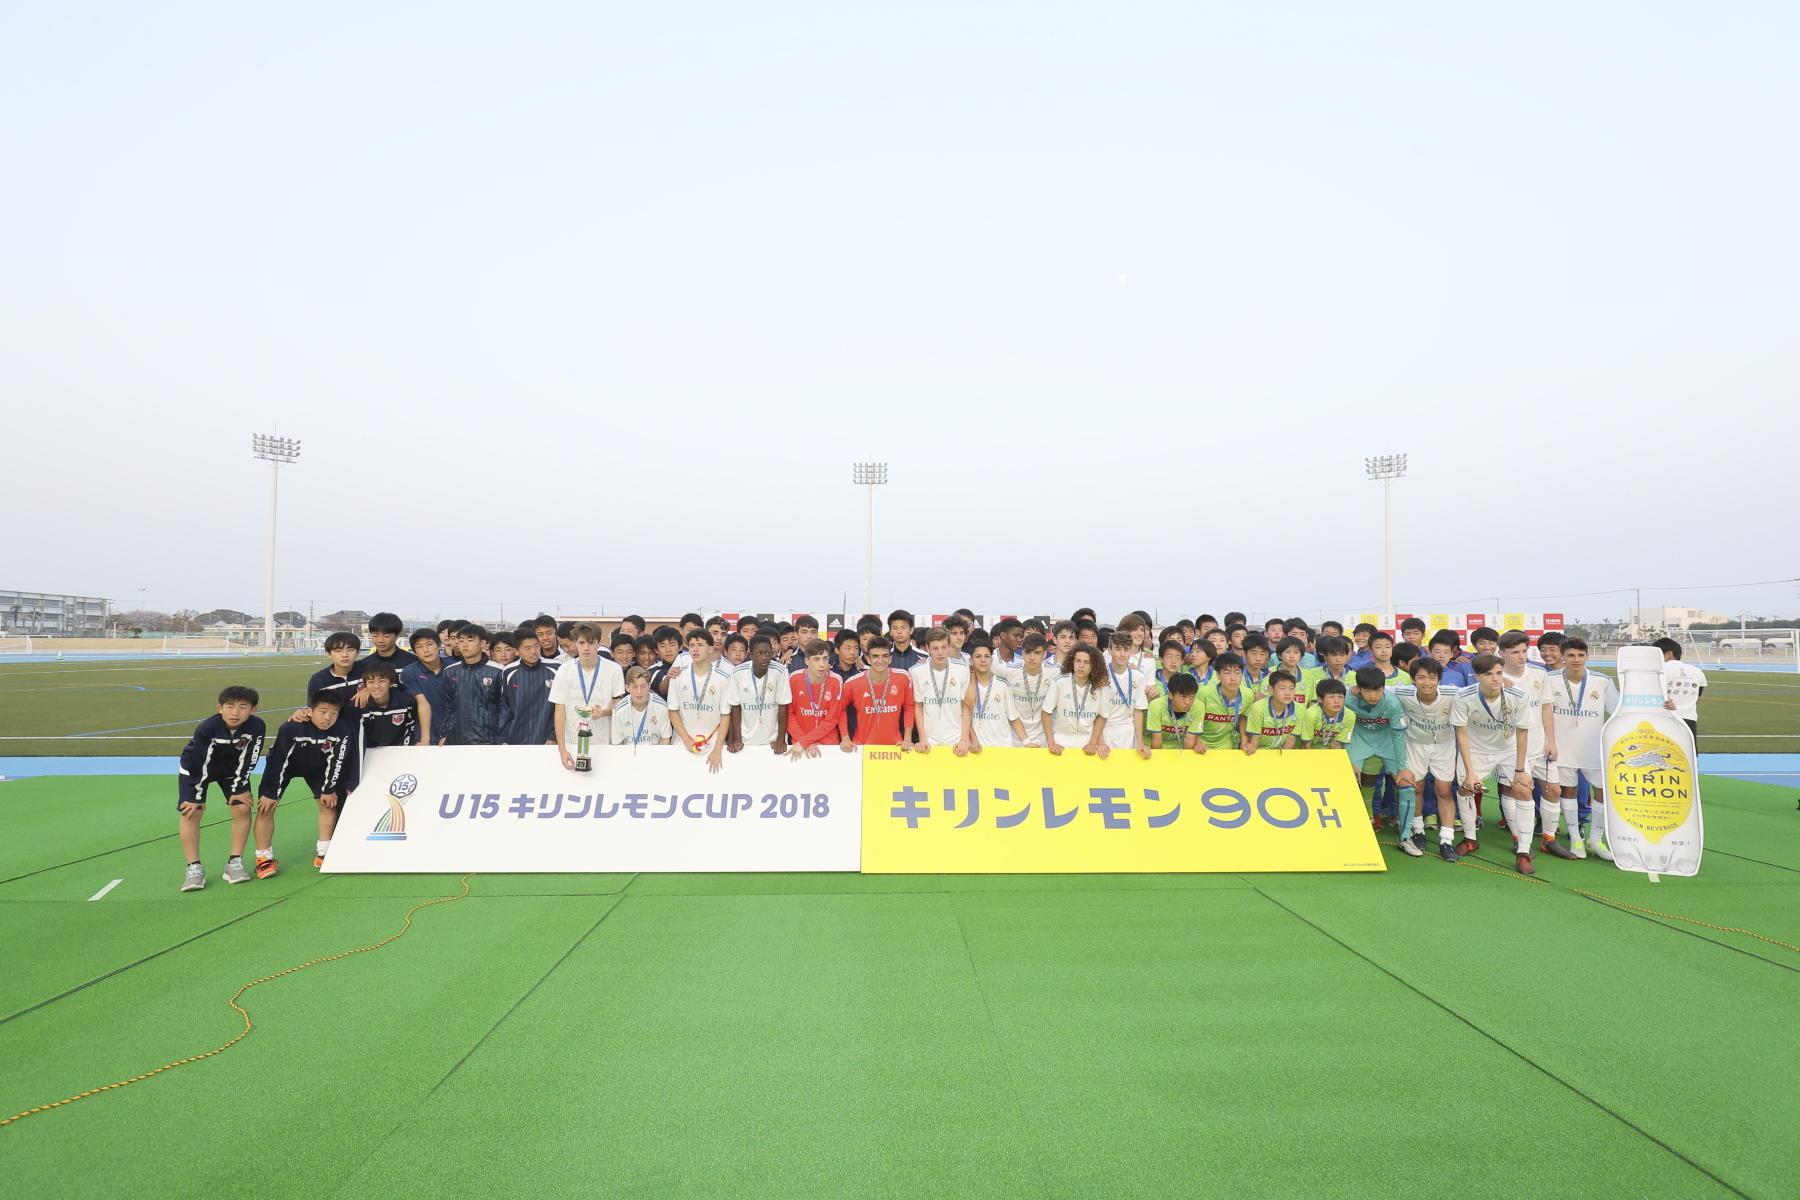 http://news.yoshimoto.co.jp/20180329192303-27b9c51921b2fe4470c63d418ba38db2a037a8ab.jpg